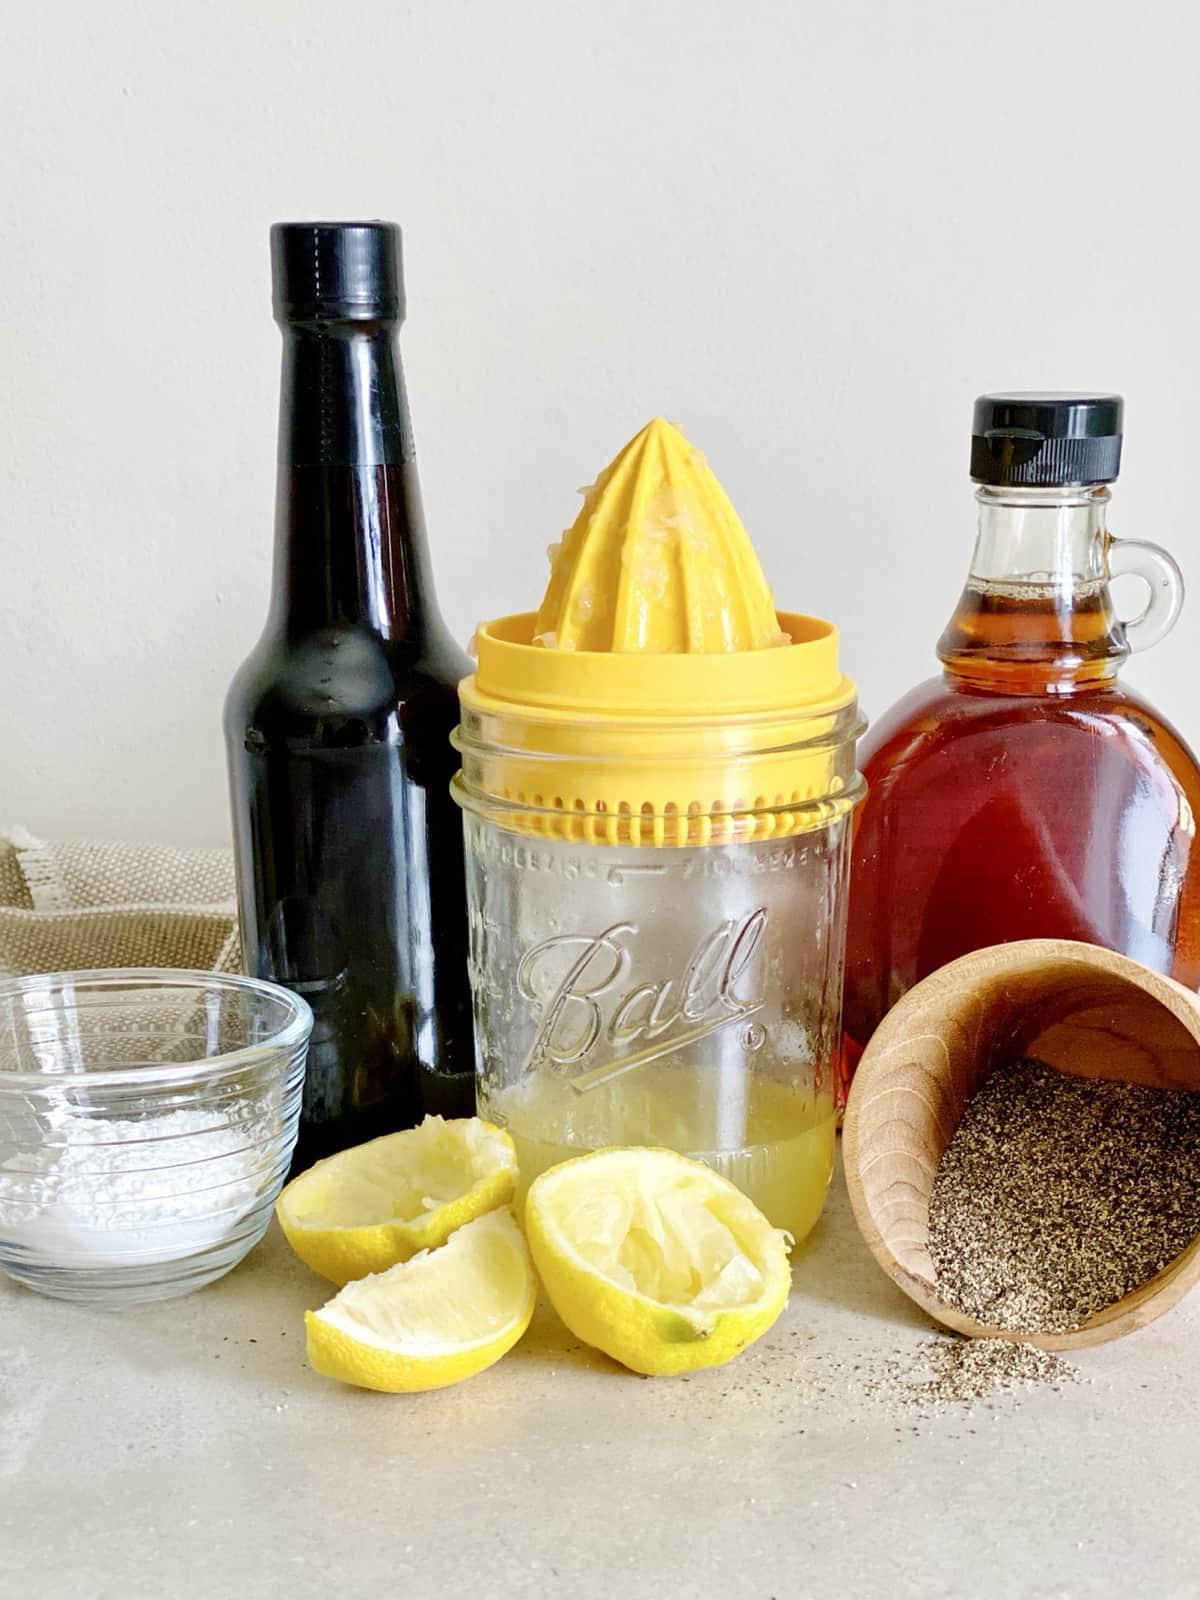 Gluten-Free Lemon Pepper Cauliflower Wings Glaze Ingredients The Vgn Way